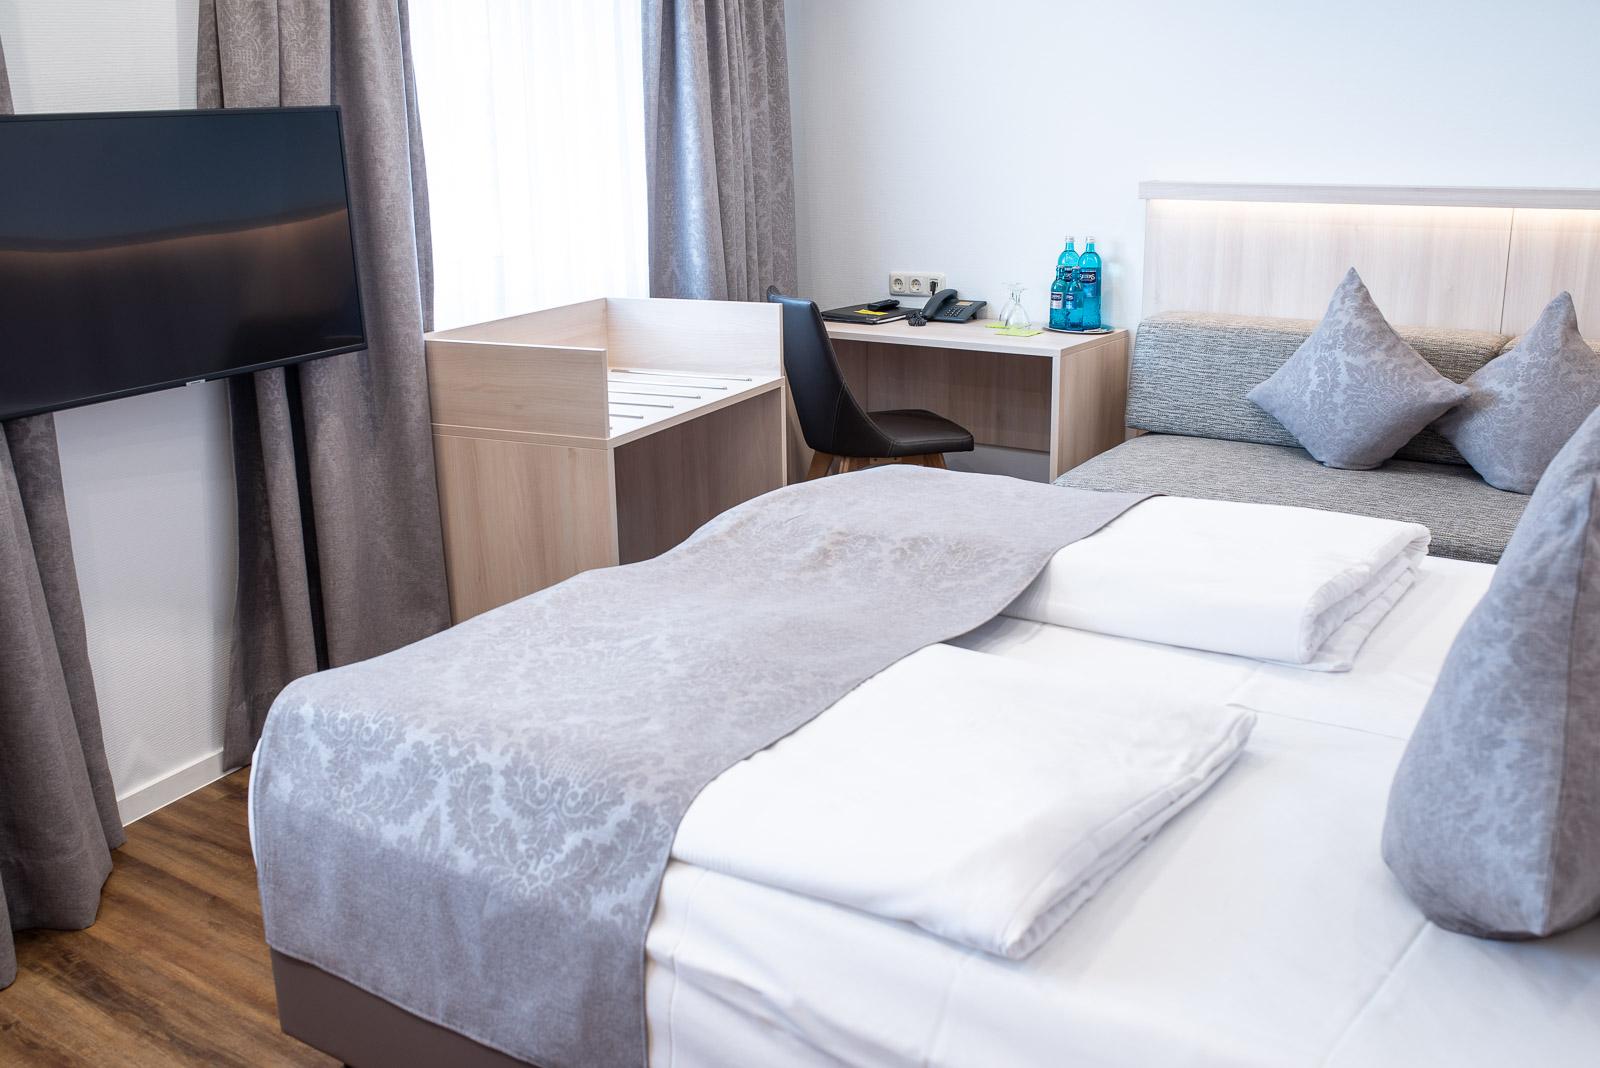 Dreibettzimmer Weisses Ross bei Nürnberg